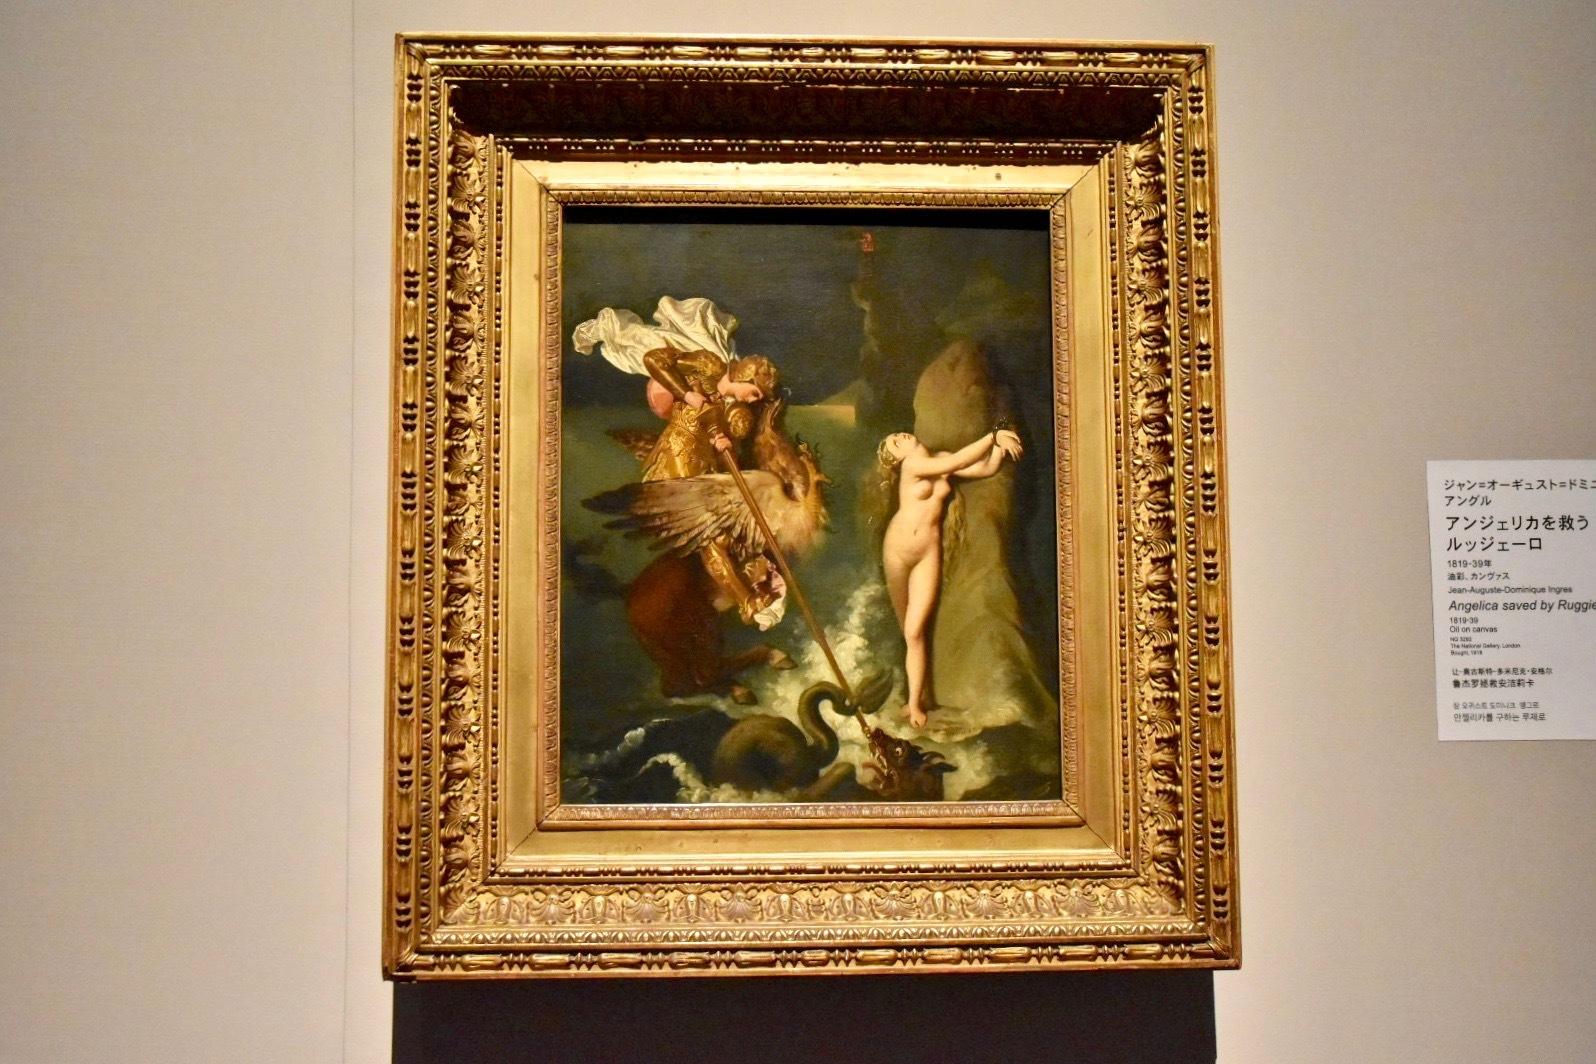 ジャン=オーギュスト=ドミニク・アングル《アンジェリカを救うルッジェーロ》1819-39年